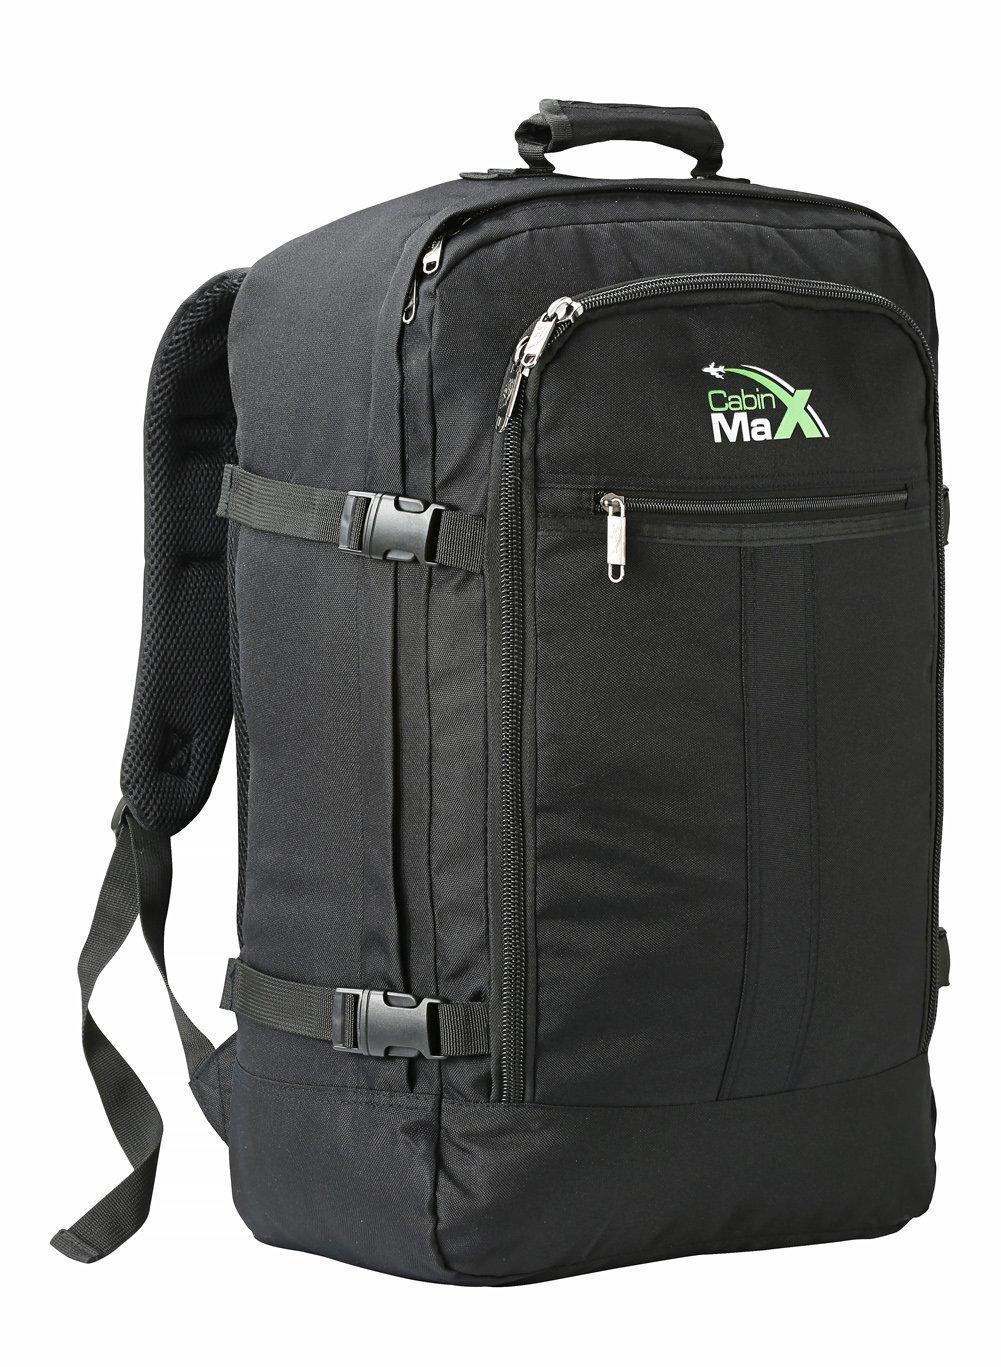 Cabin Max - Sac à dos et bagage à mains pour cabine- capacité brute de 44l product image